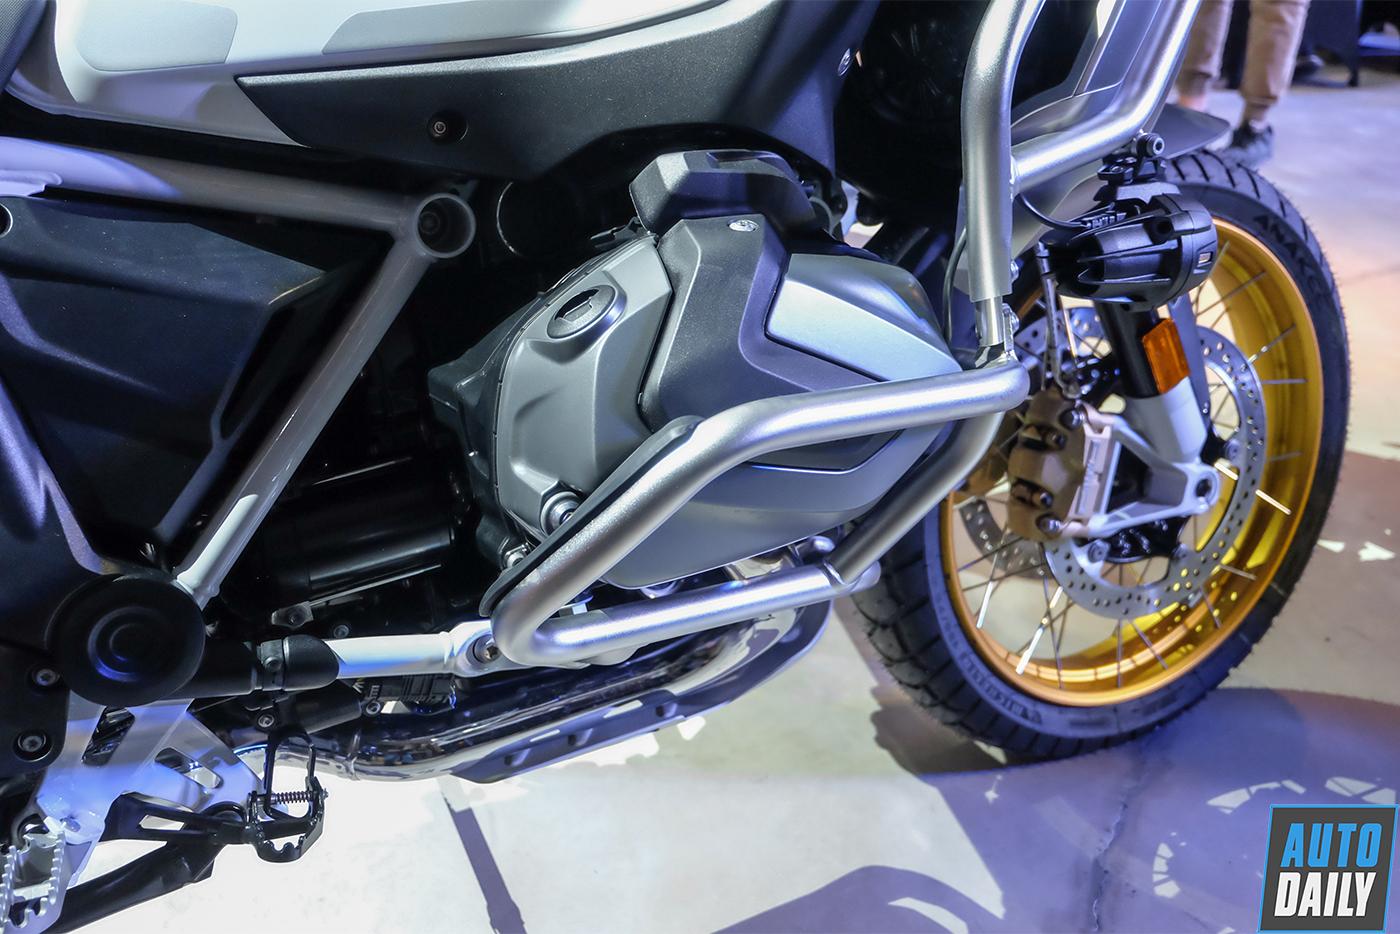 bmw-motorrad-r-1250-gsa-2019-56.jpg